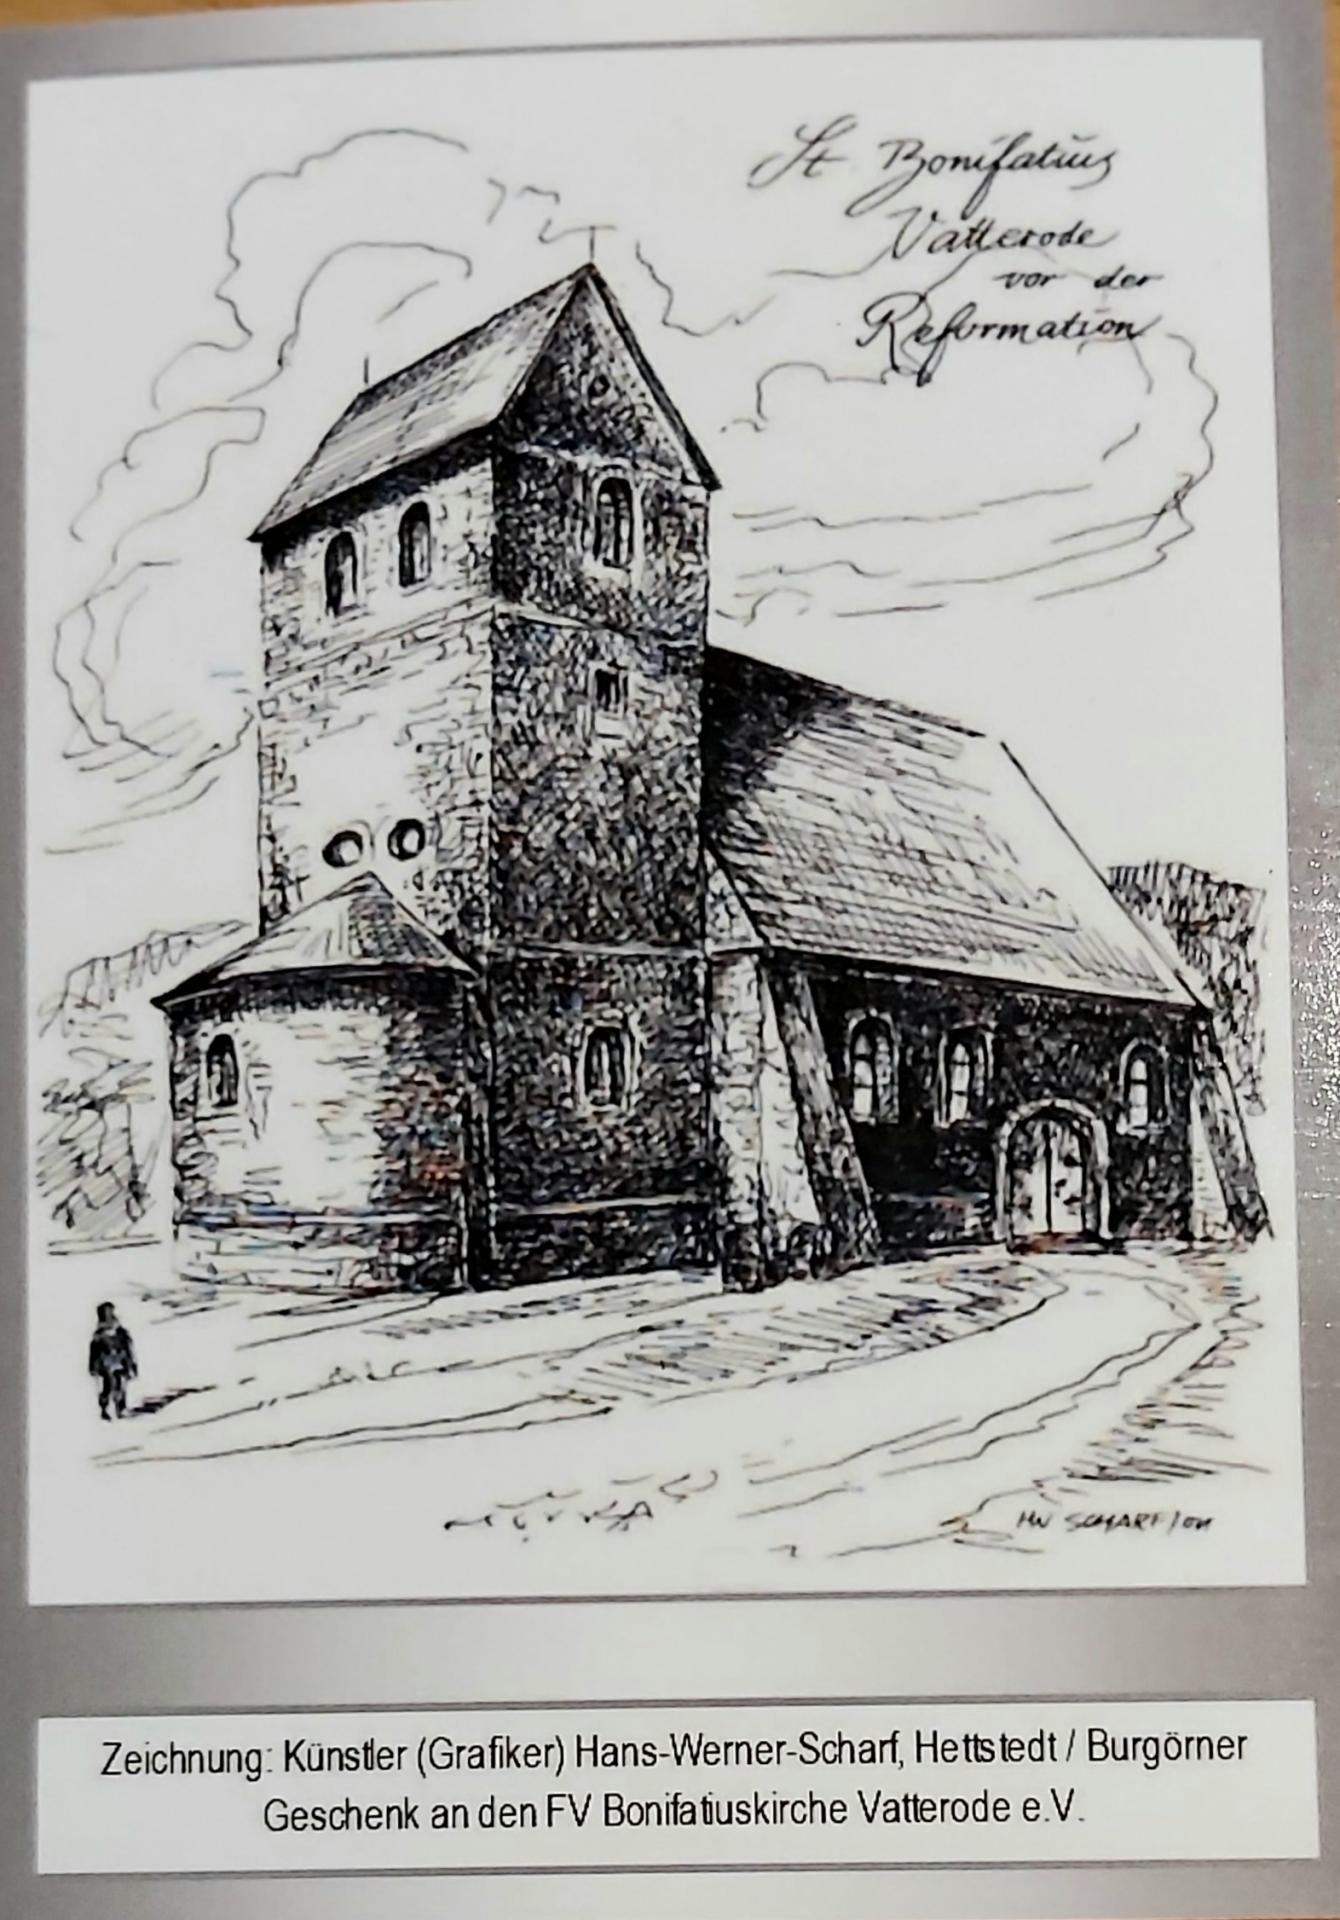 Spenden-Postkarte Bonifatiuskirche vor der Revormation